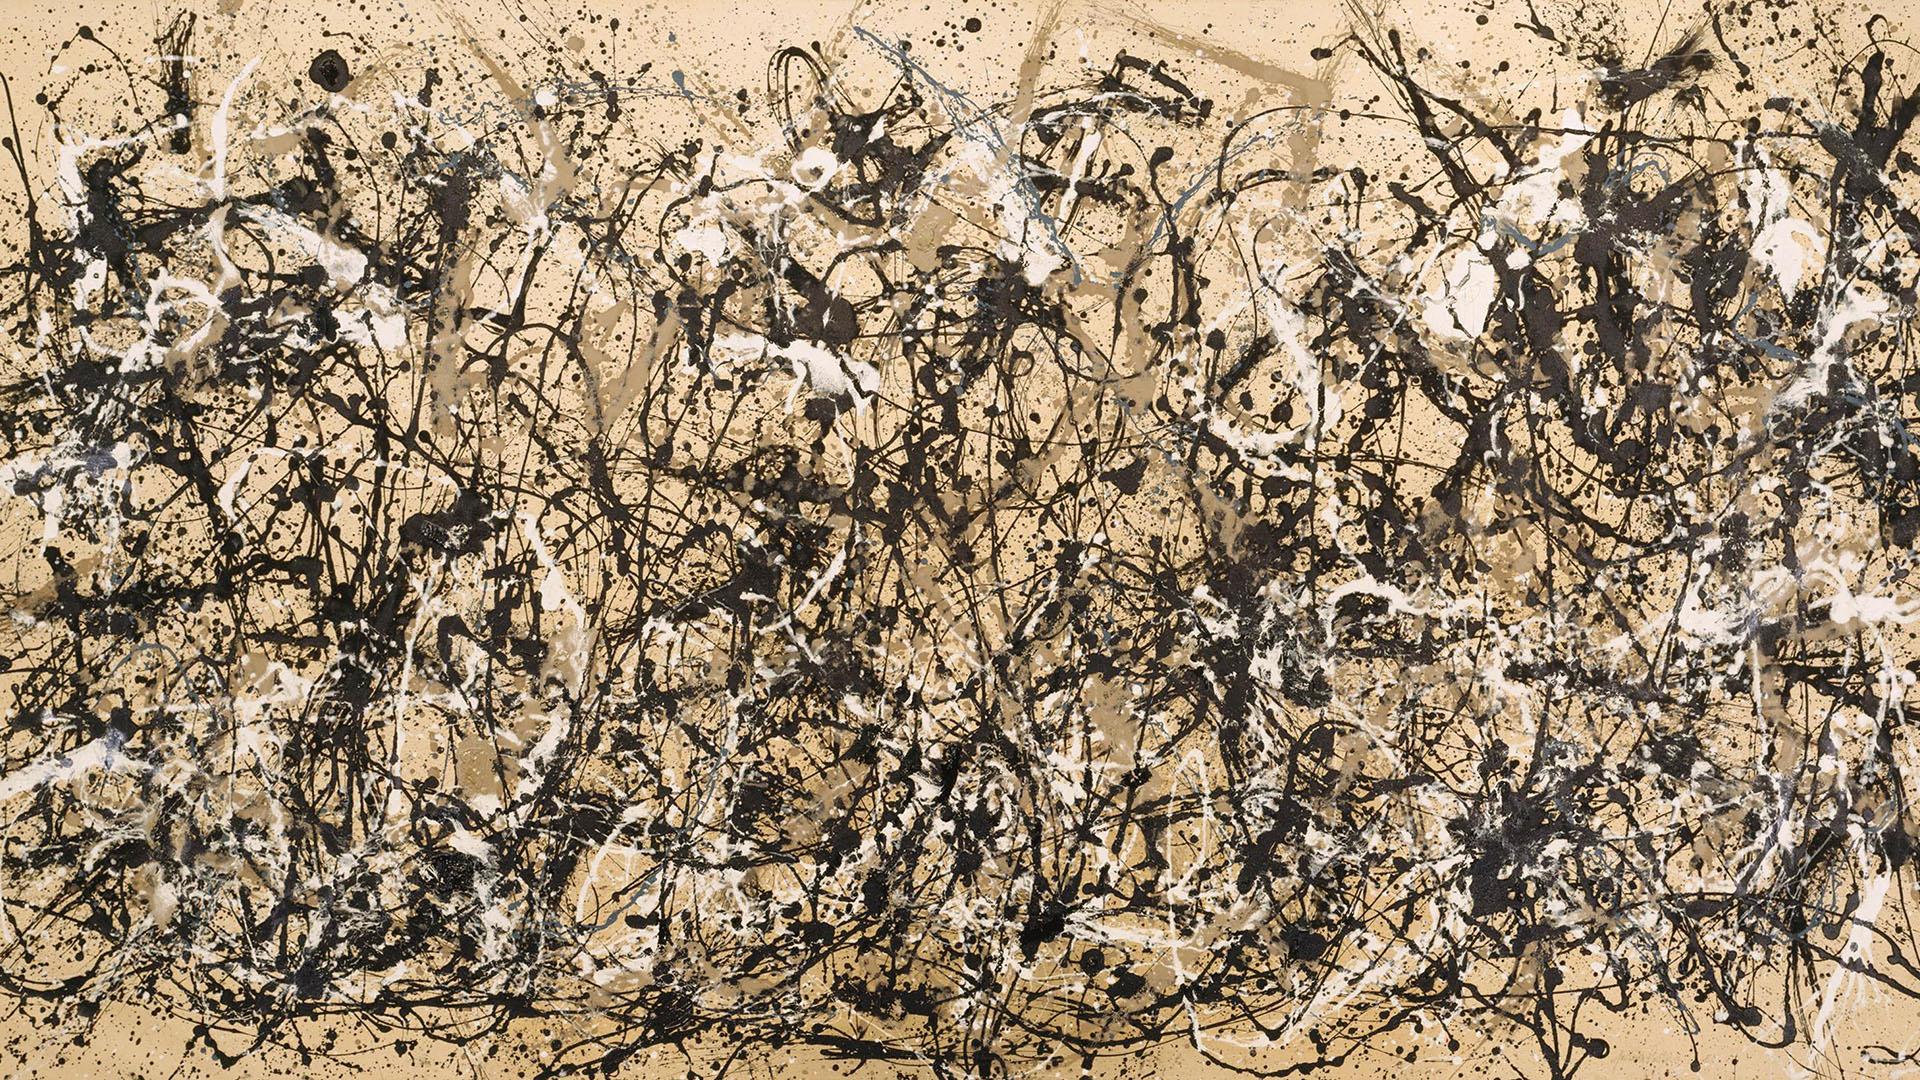 Toile : Jakson Pollock, L'art et le hasard par Sylvie Gendreau et Pierre Guité, Votre laboratoire créatif